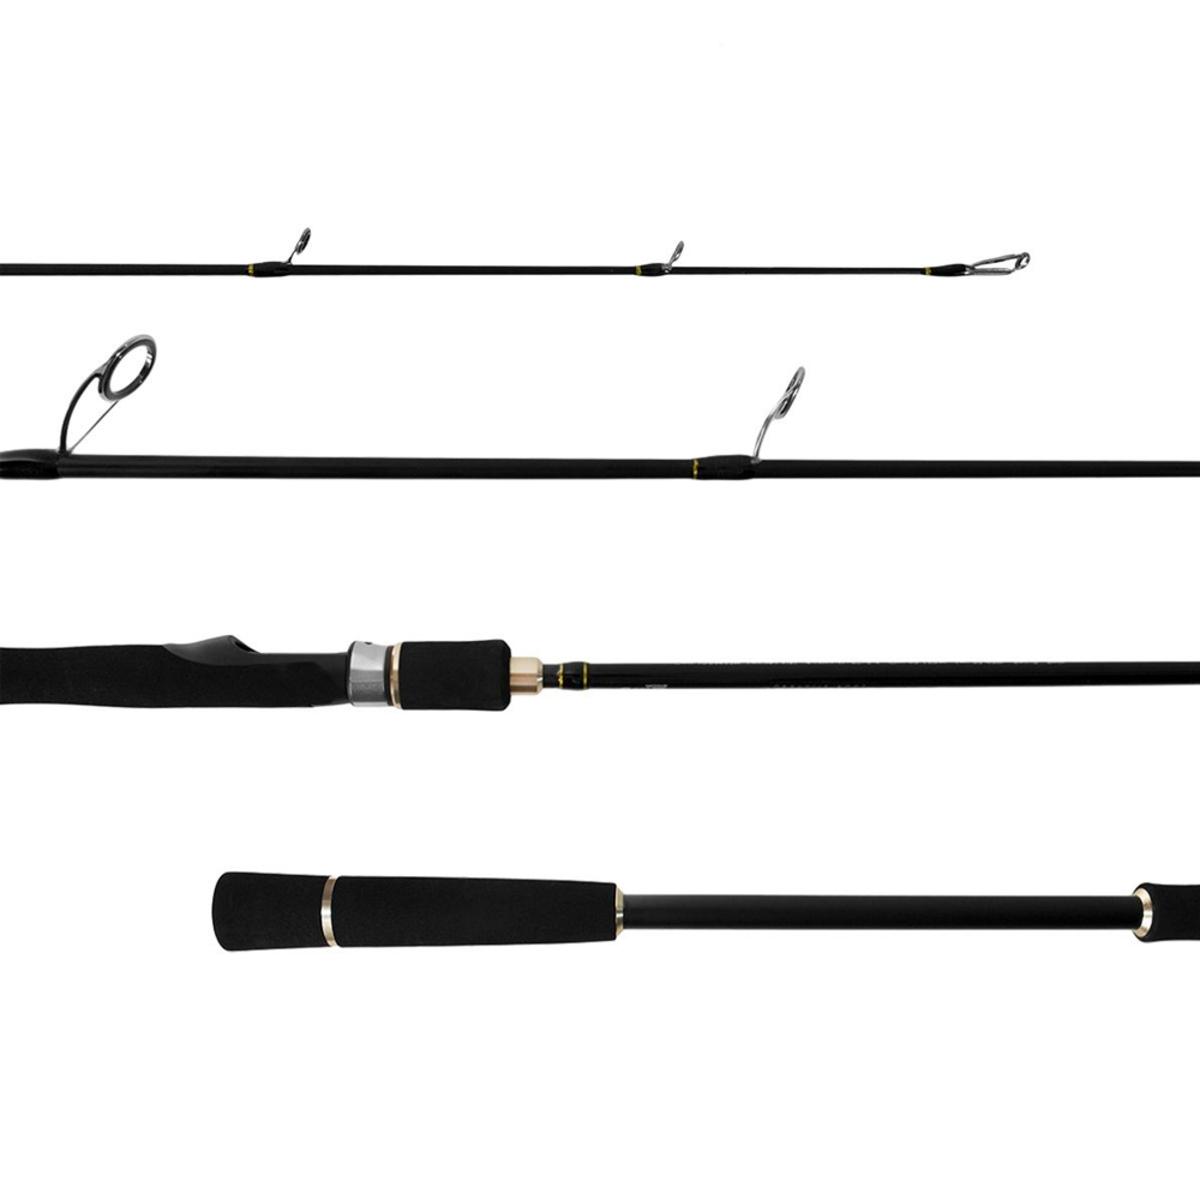 Vara Lumis Jigging Pro 6'0 (1,83m) 20-40lb 2 Partes Molinete